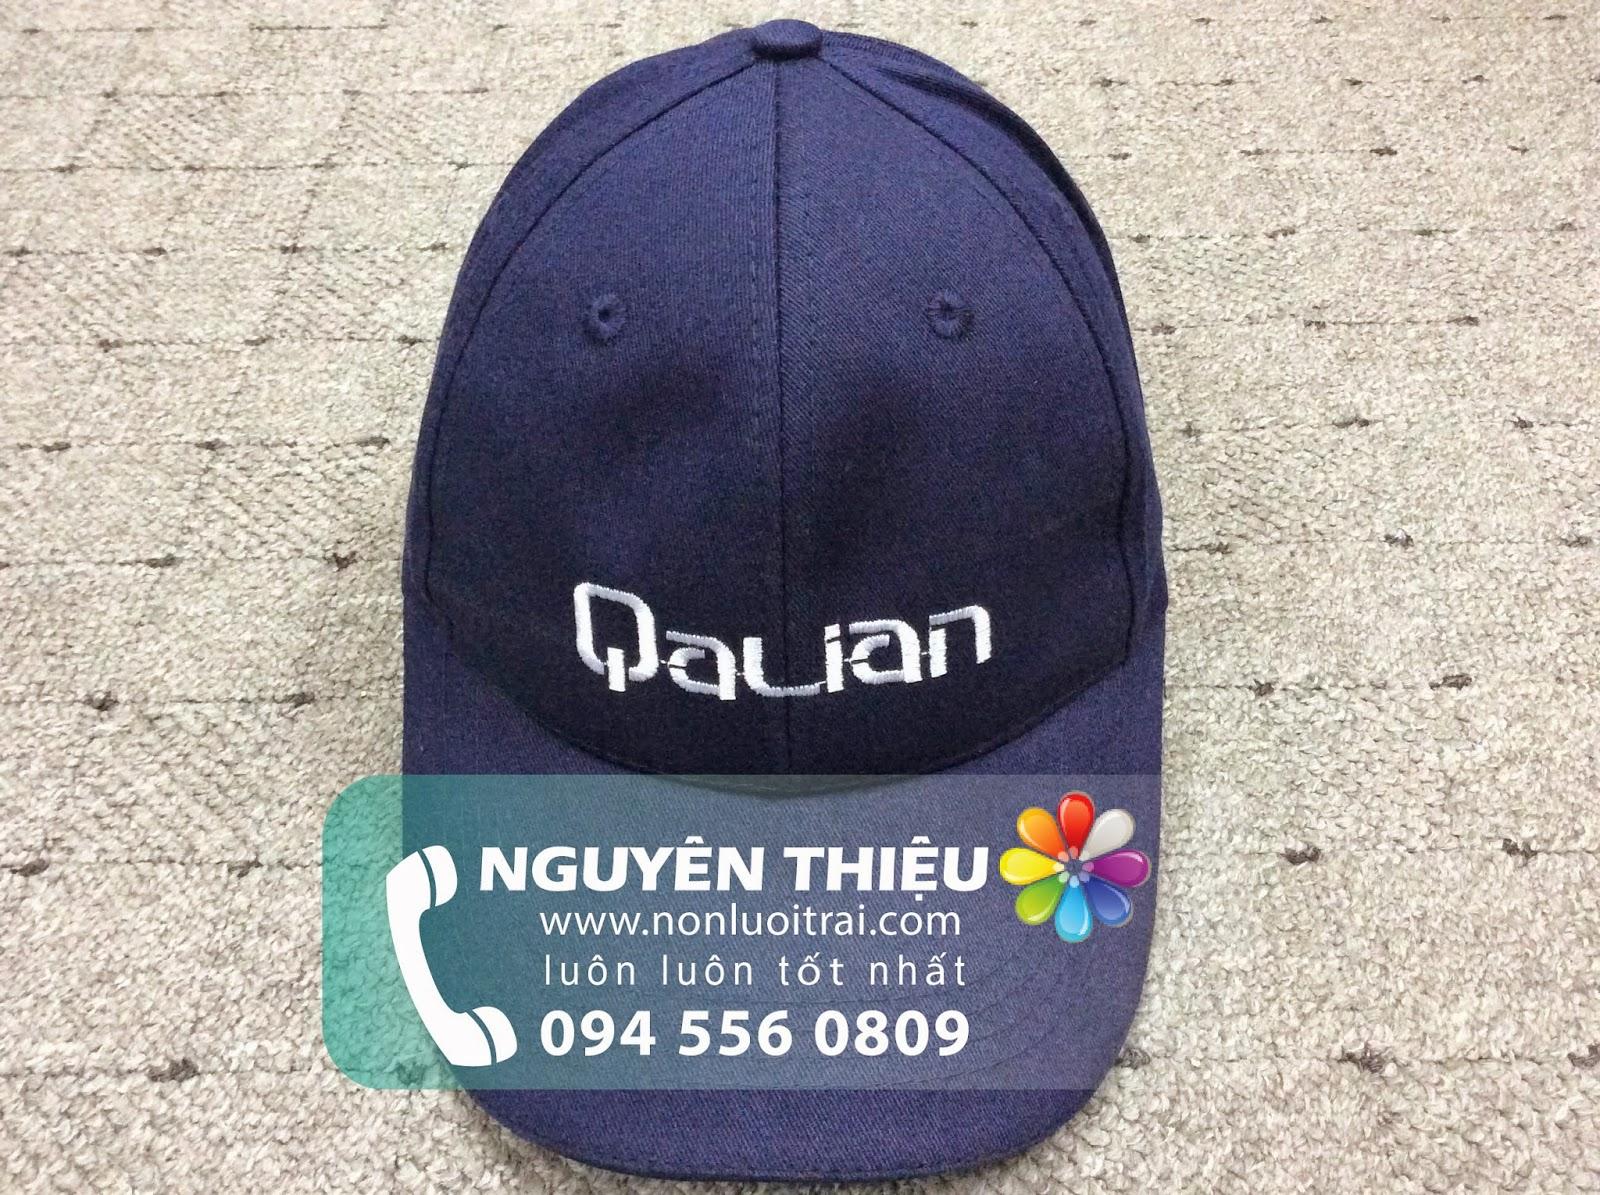 non-luoi-trai-dep-0945560809